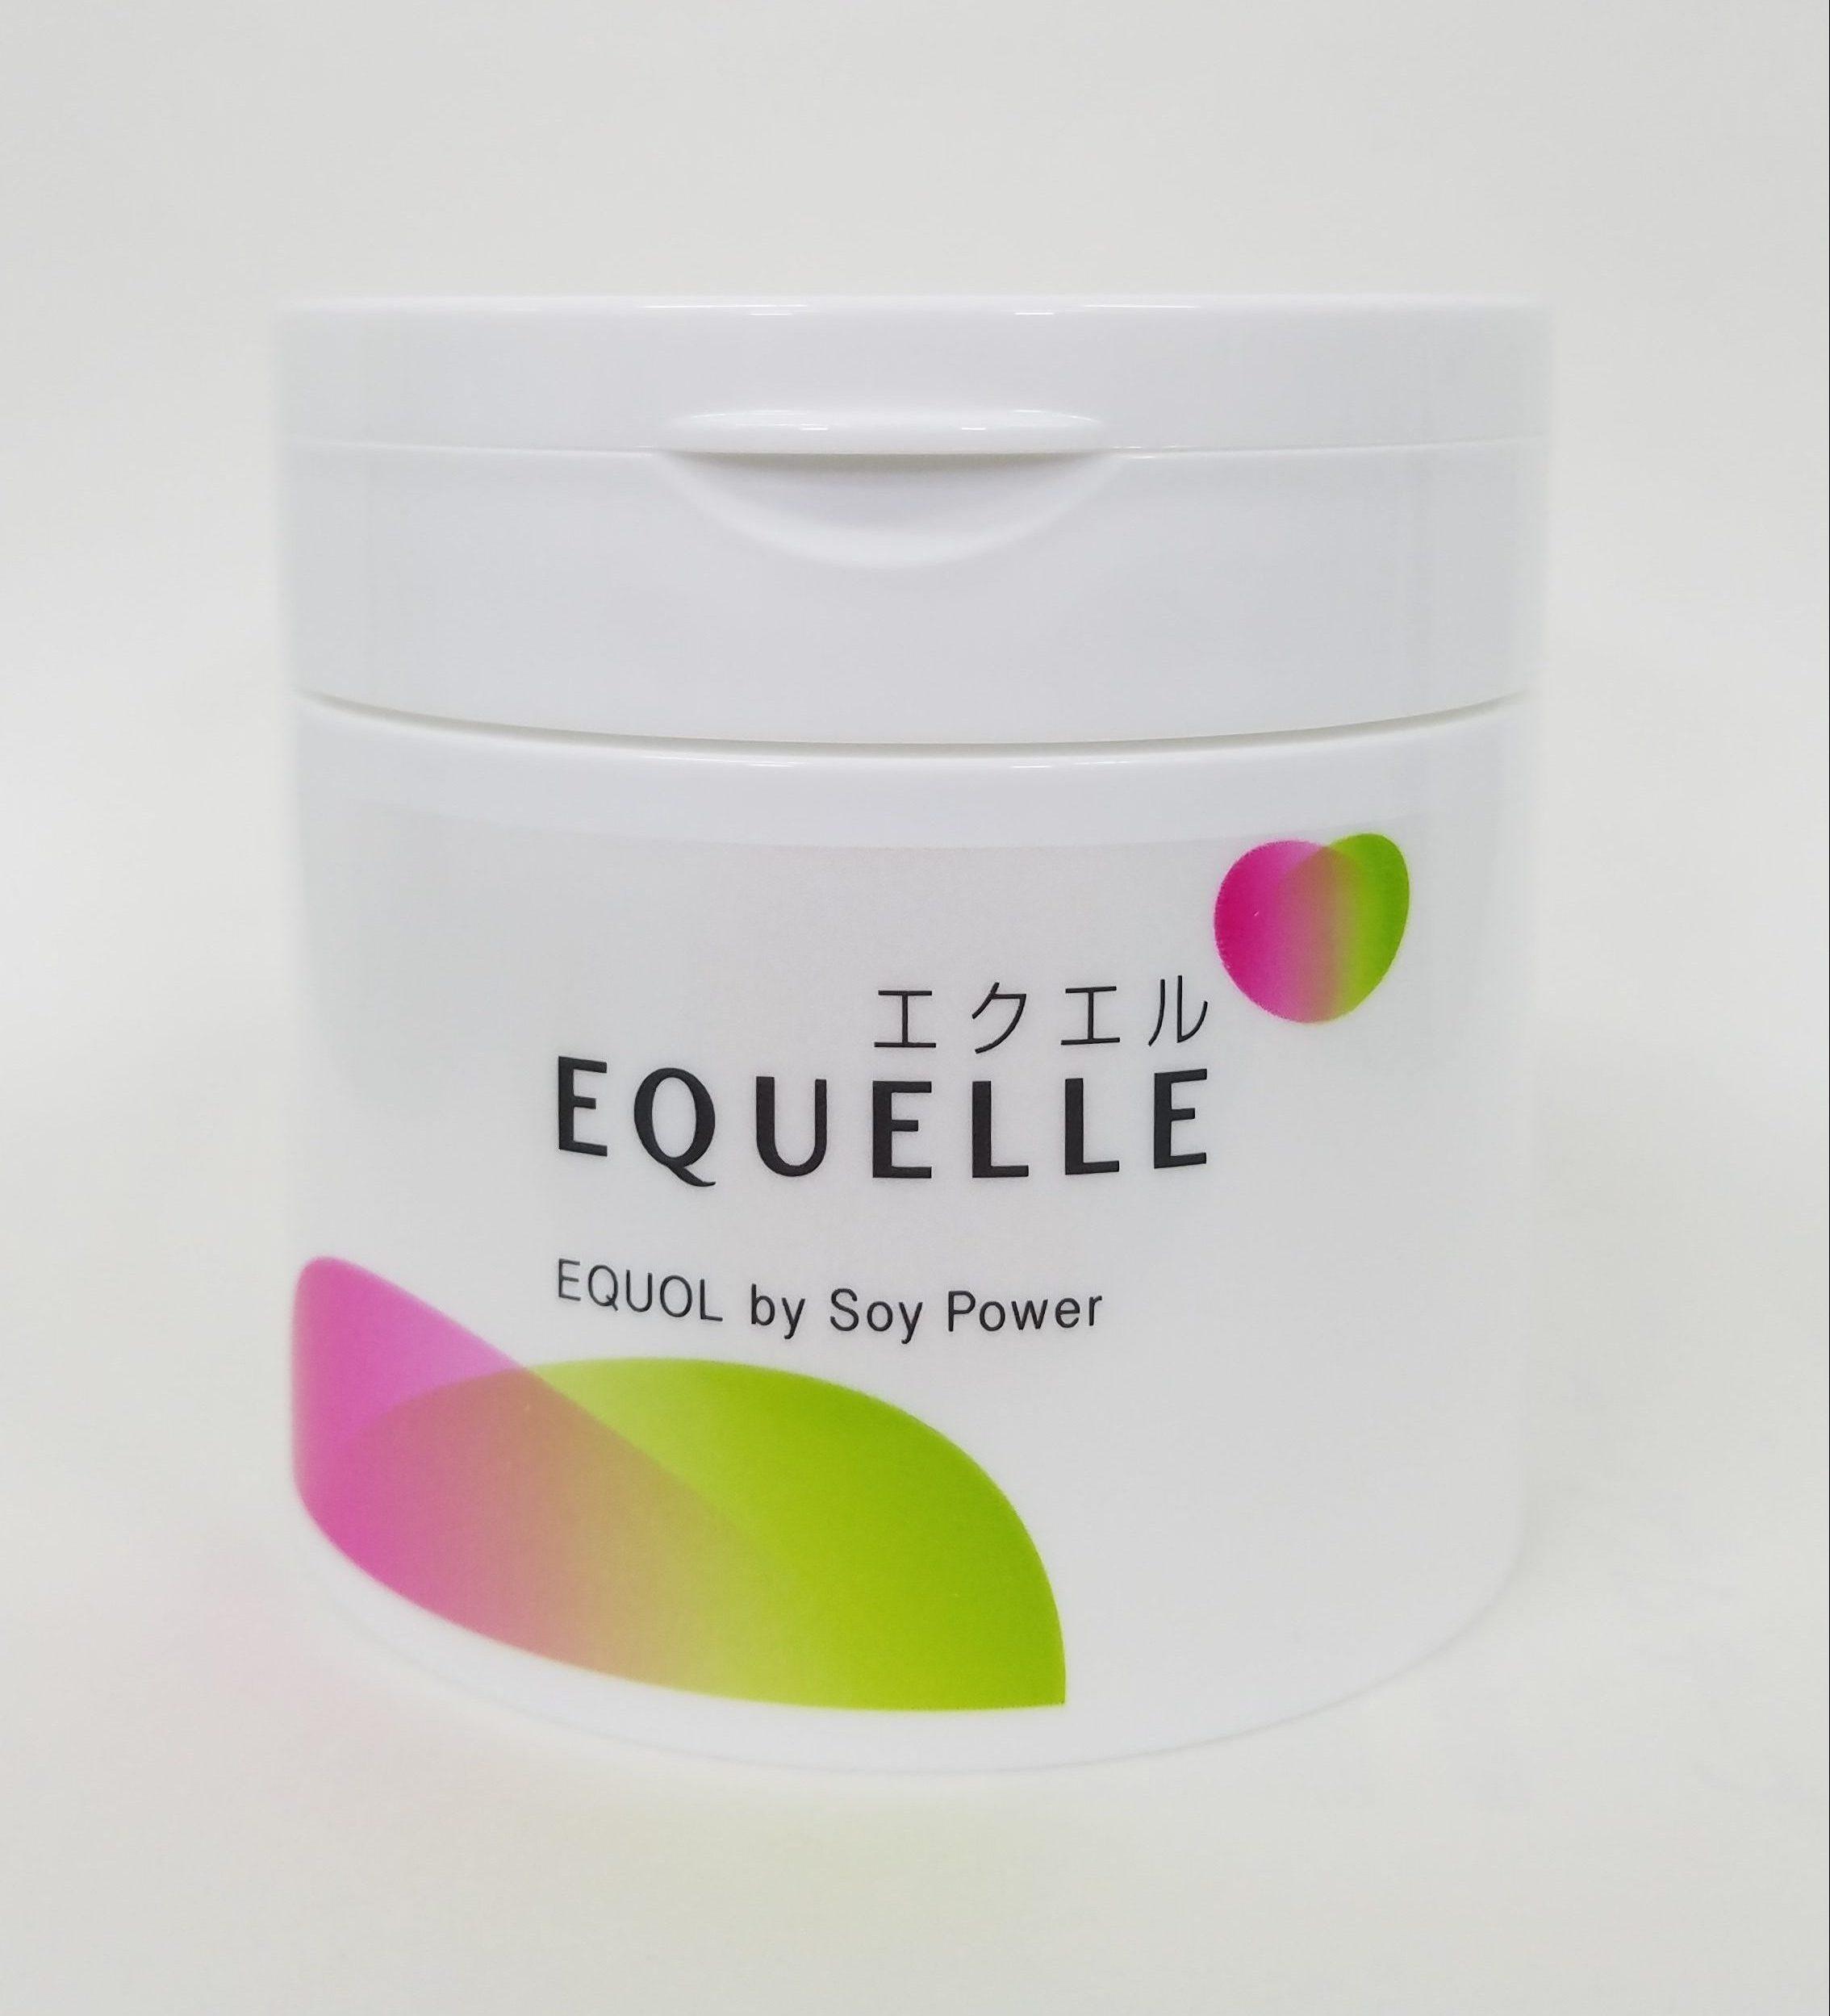 エクエル、大塚製薬、1日4粒、エクオール、大豆イソフラボン